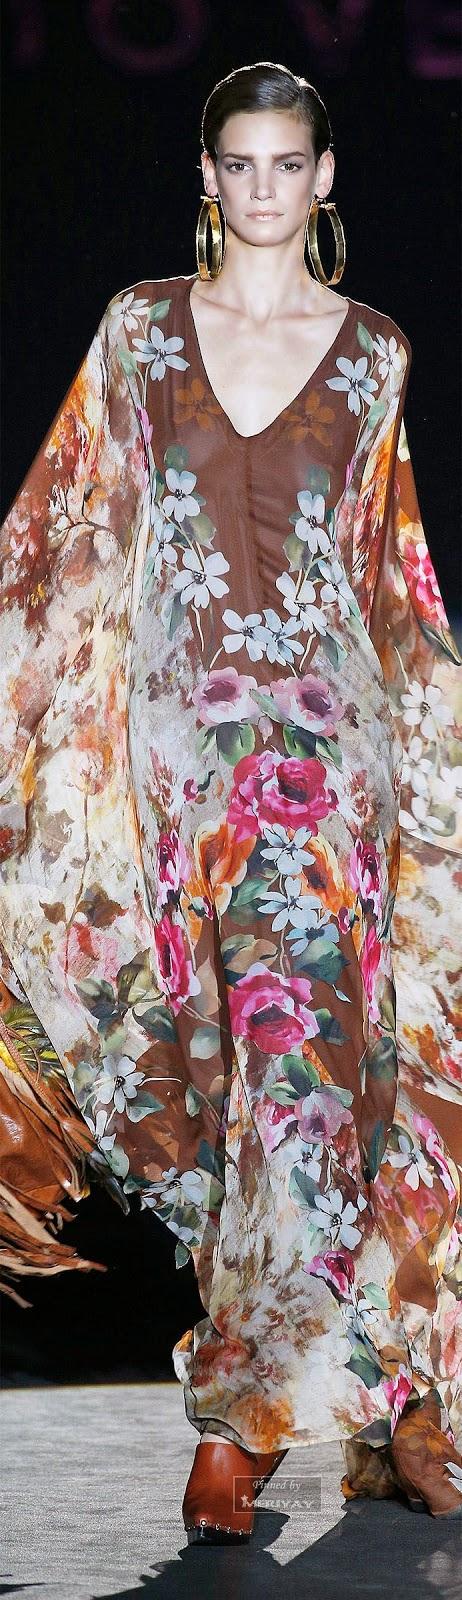 Tendências moda primavera-verão 2015 maxi brincos grandes